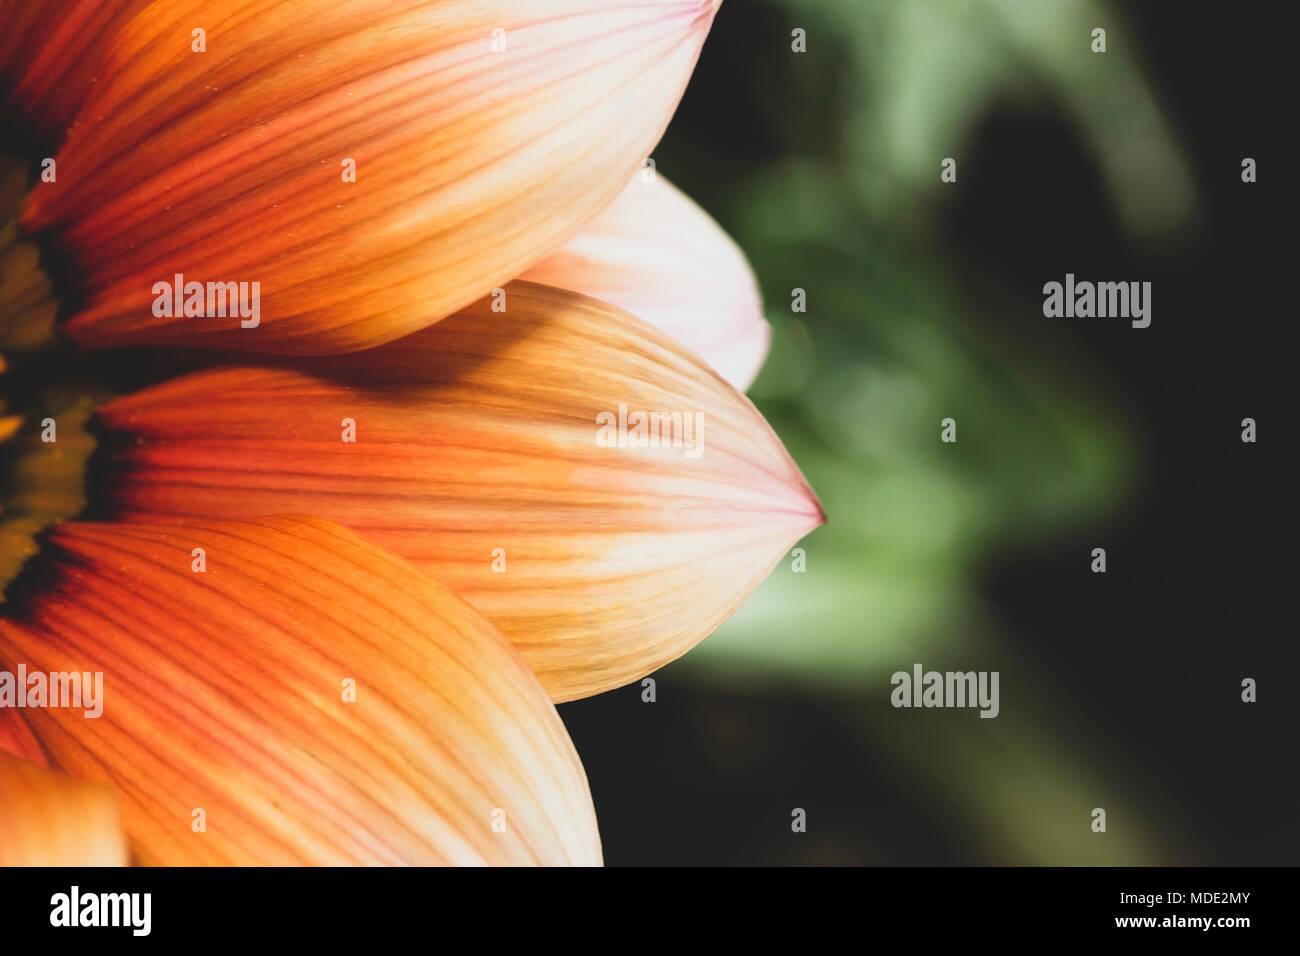 Nahaufnahme von Orange Blume, gedämpften Farben. Stockbild